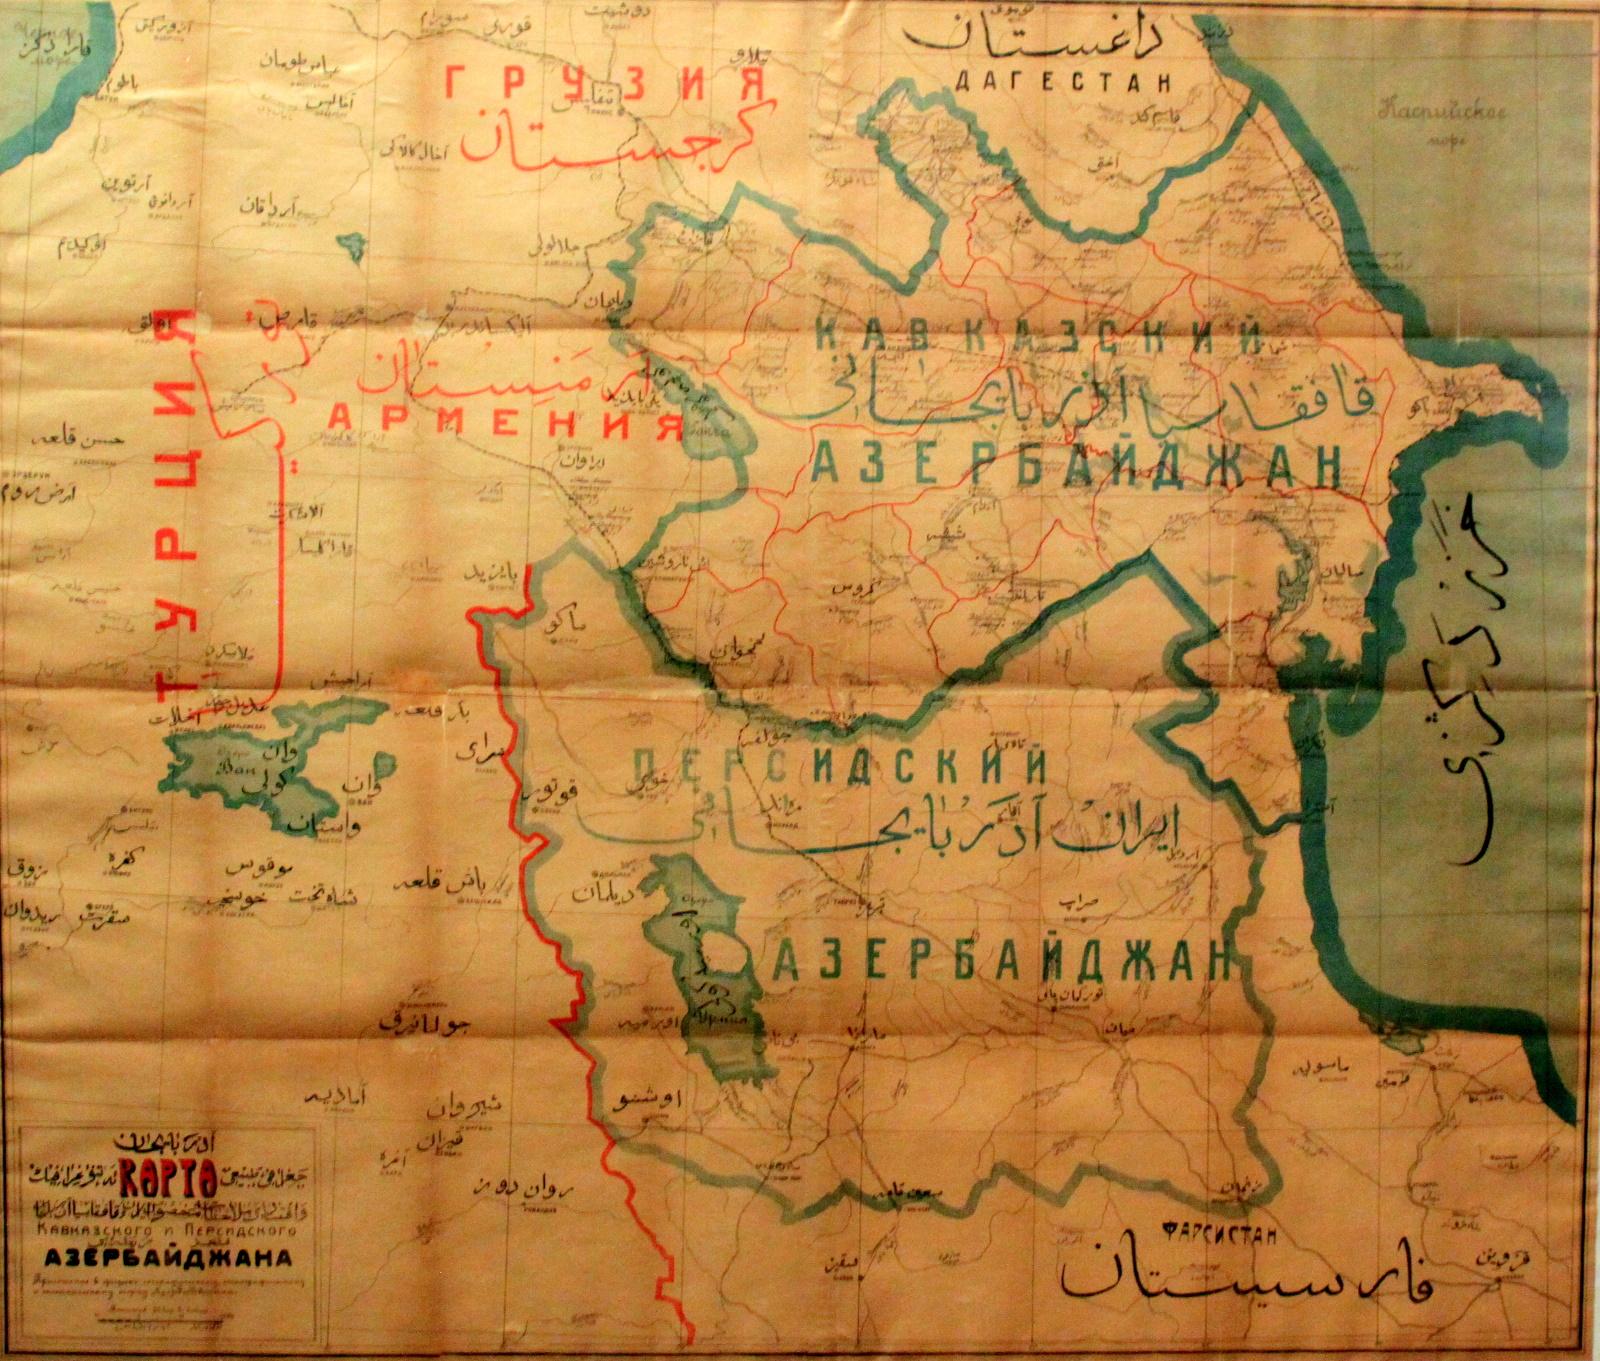 Кавказский и Персидский Азербайджан, 1918